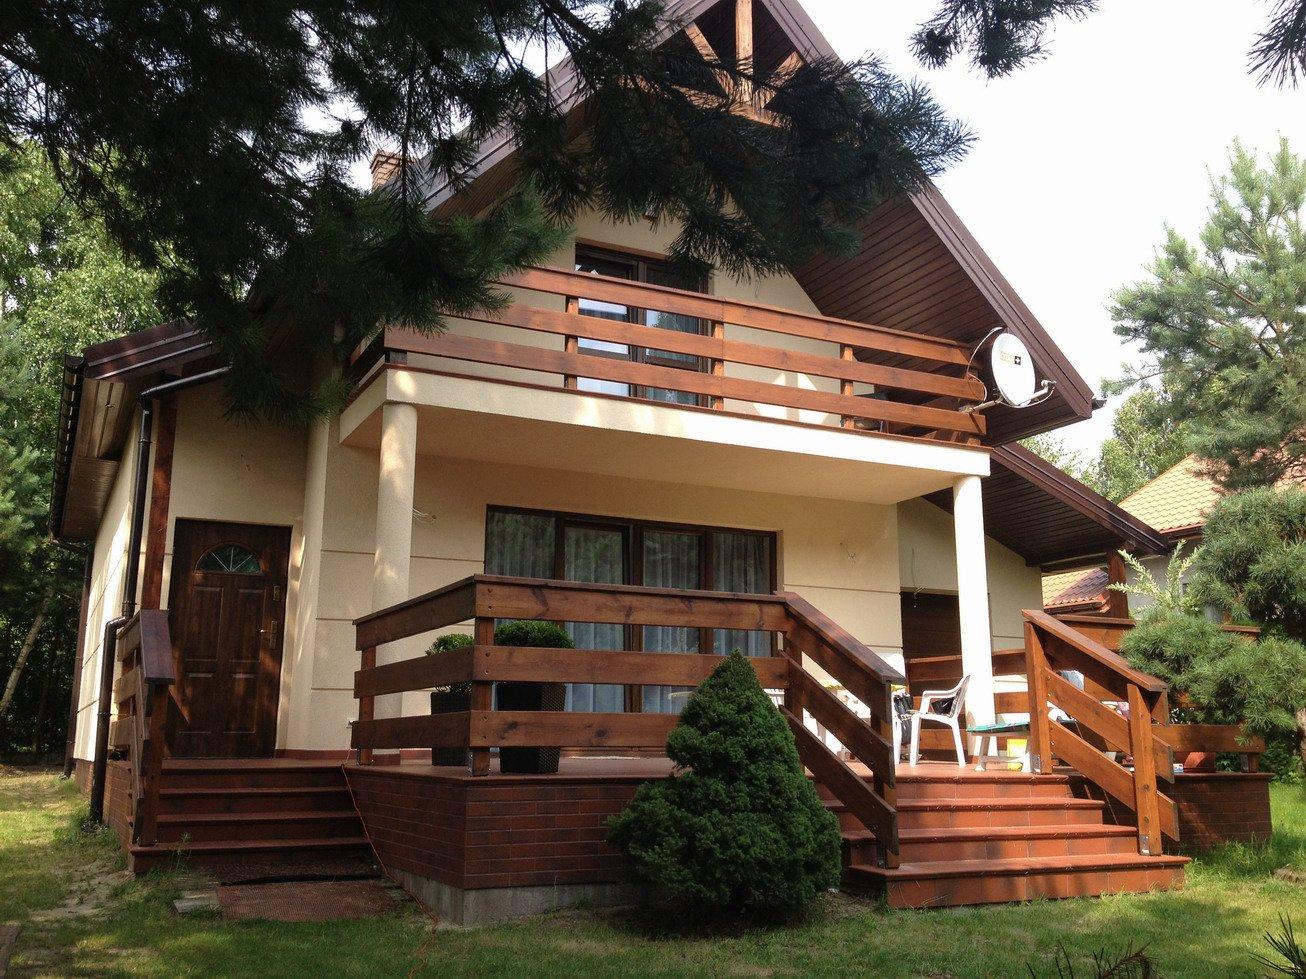 projekt-domu-chatka-fot-1-1374840659-vpxvdf4v.jpg